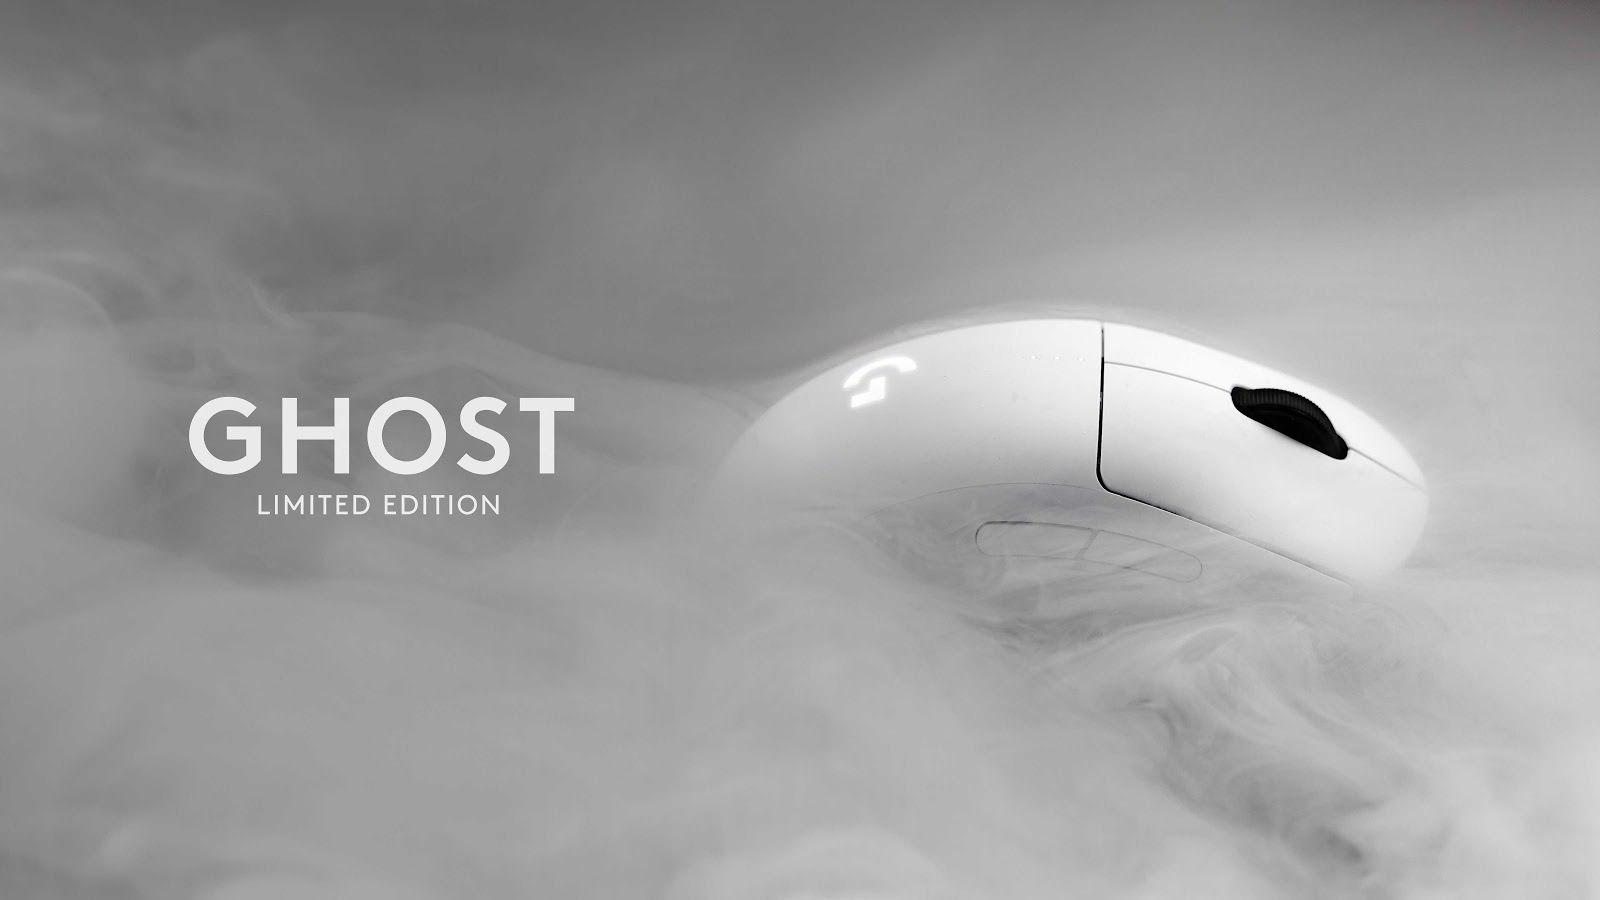 Logitech G Pro Ghost